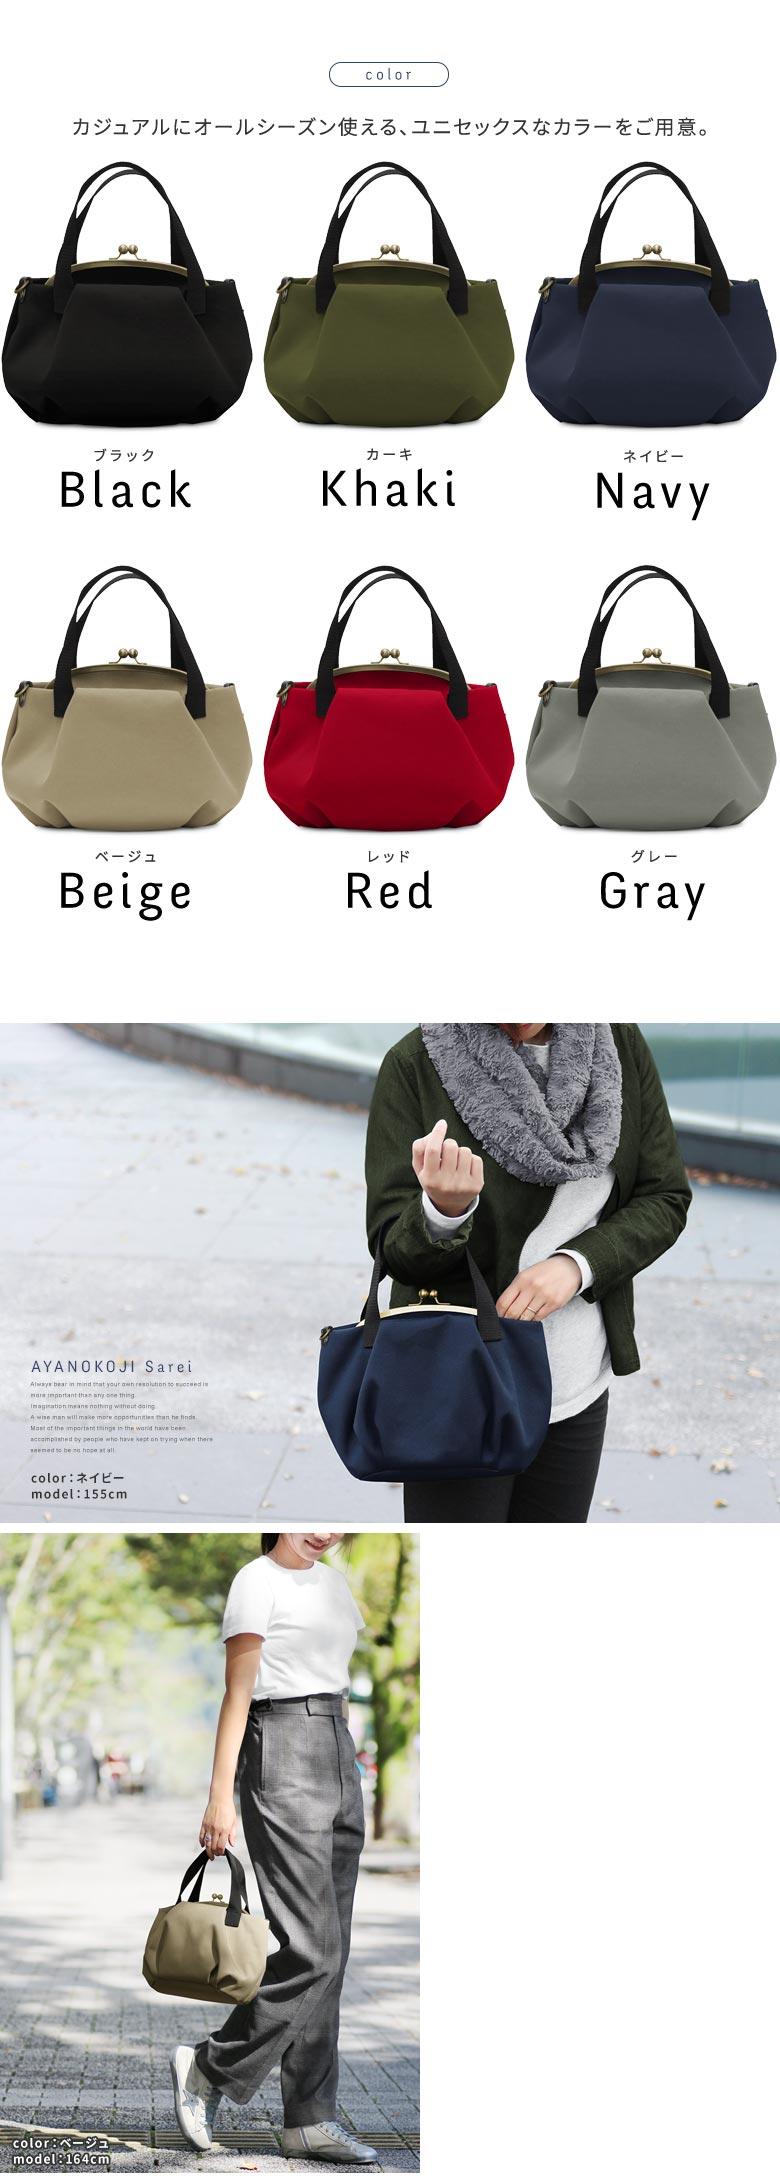 AYANOKOJI Sarei がま口バルーントートバッグ Black(ブラック) Khaki(カーキ) Navy(ネイビー) Beige(ベージュ) Red(レッド) Grey(グレー) アイテムコーディネートイメージ(ネイビー・ベージュ)